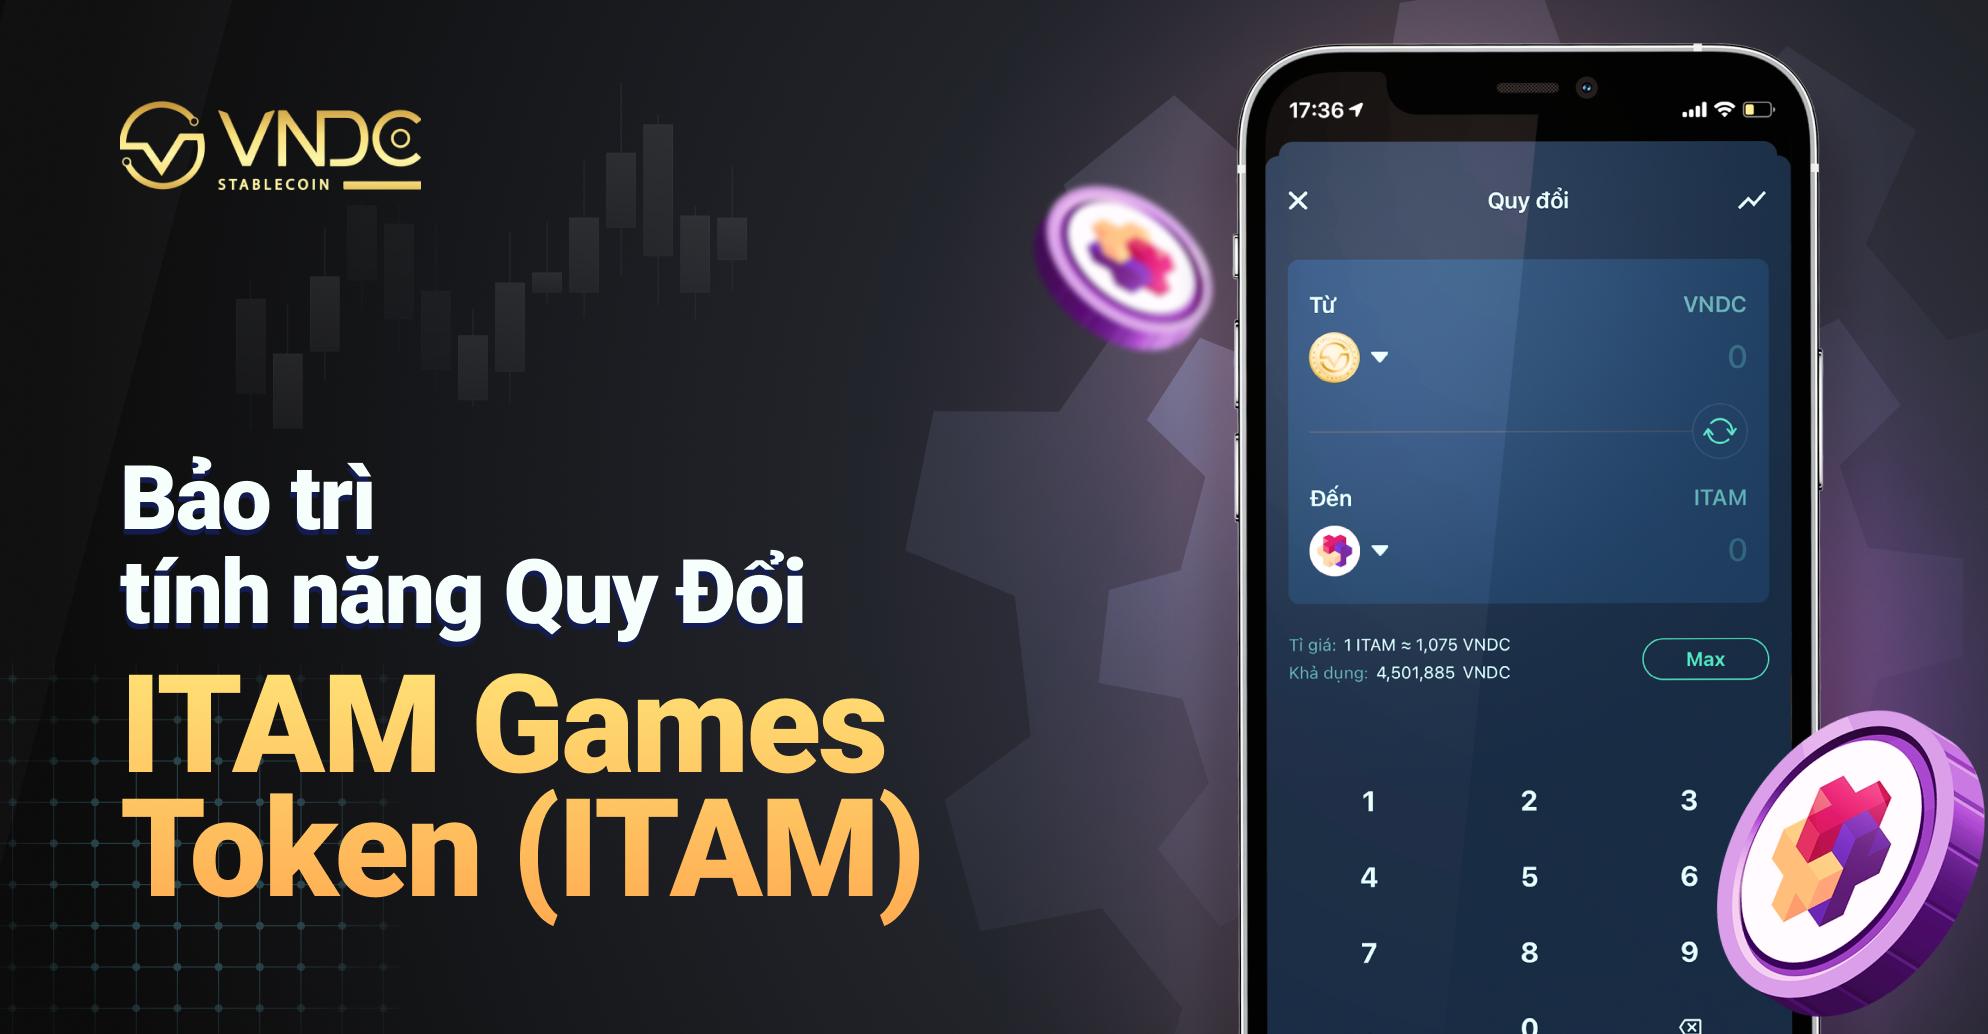 Bảo trì tính năng Quy Đổi cho ITAM Games Token (ITAM)